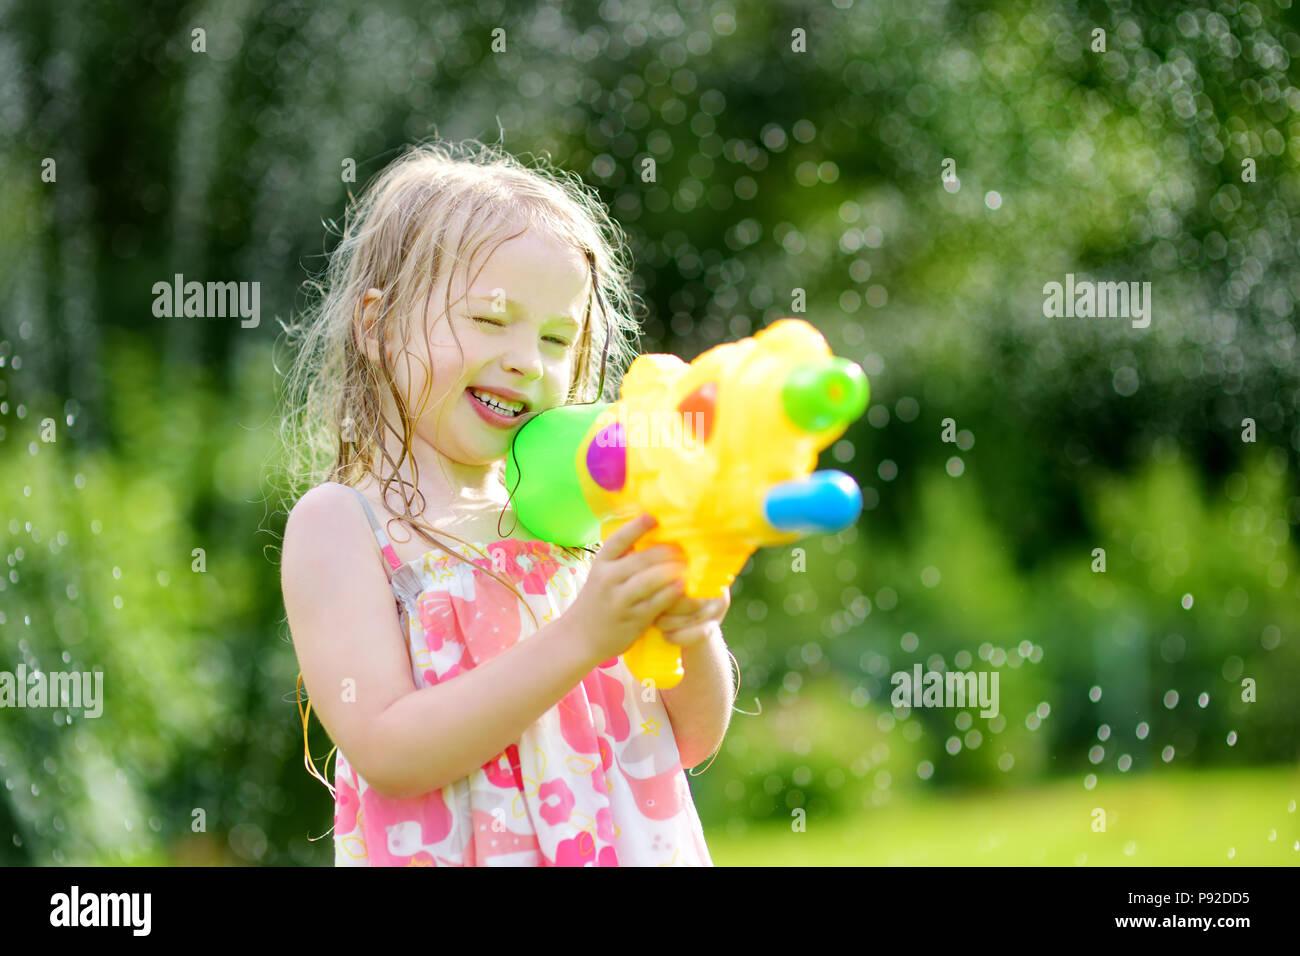 Adorable Kleine Mädchen Spielen Mit Wasser Gewehr Auf Heißen